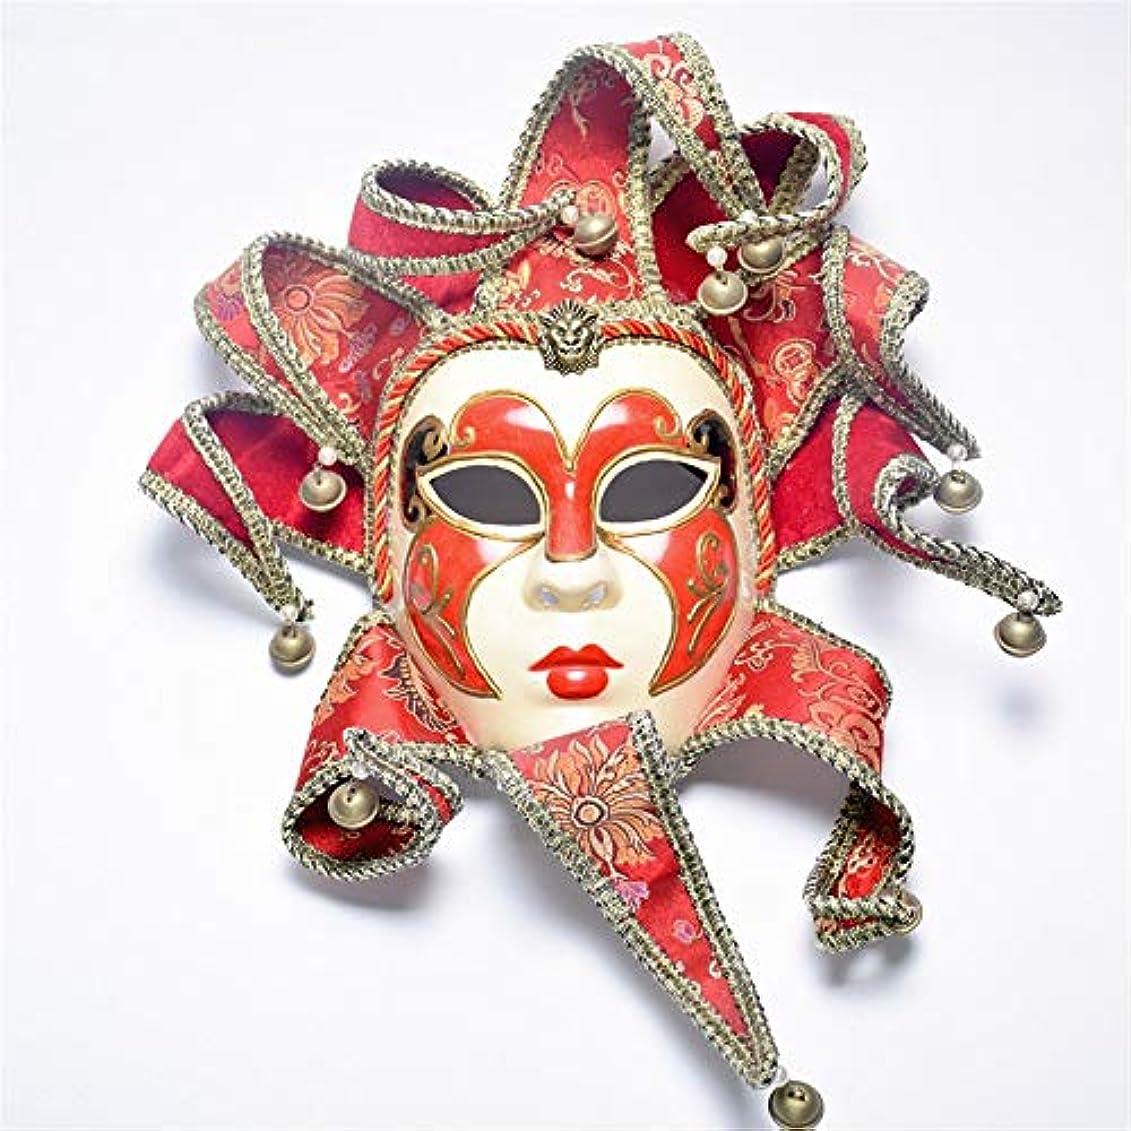 プール代わりにを立てる未払いダンスマスク フルフェイスマスク高級パーティーベルマスク女性マスククリスマスフェスティバルロールプレイングプラスチックマスク ホリデーパーティー用品 (色 : 赤, サイズ : 49x29cm)